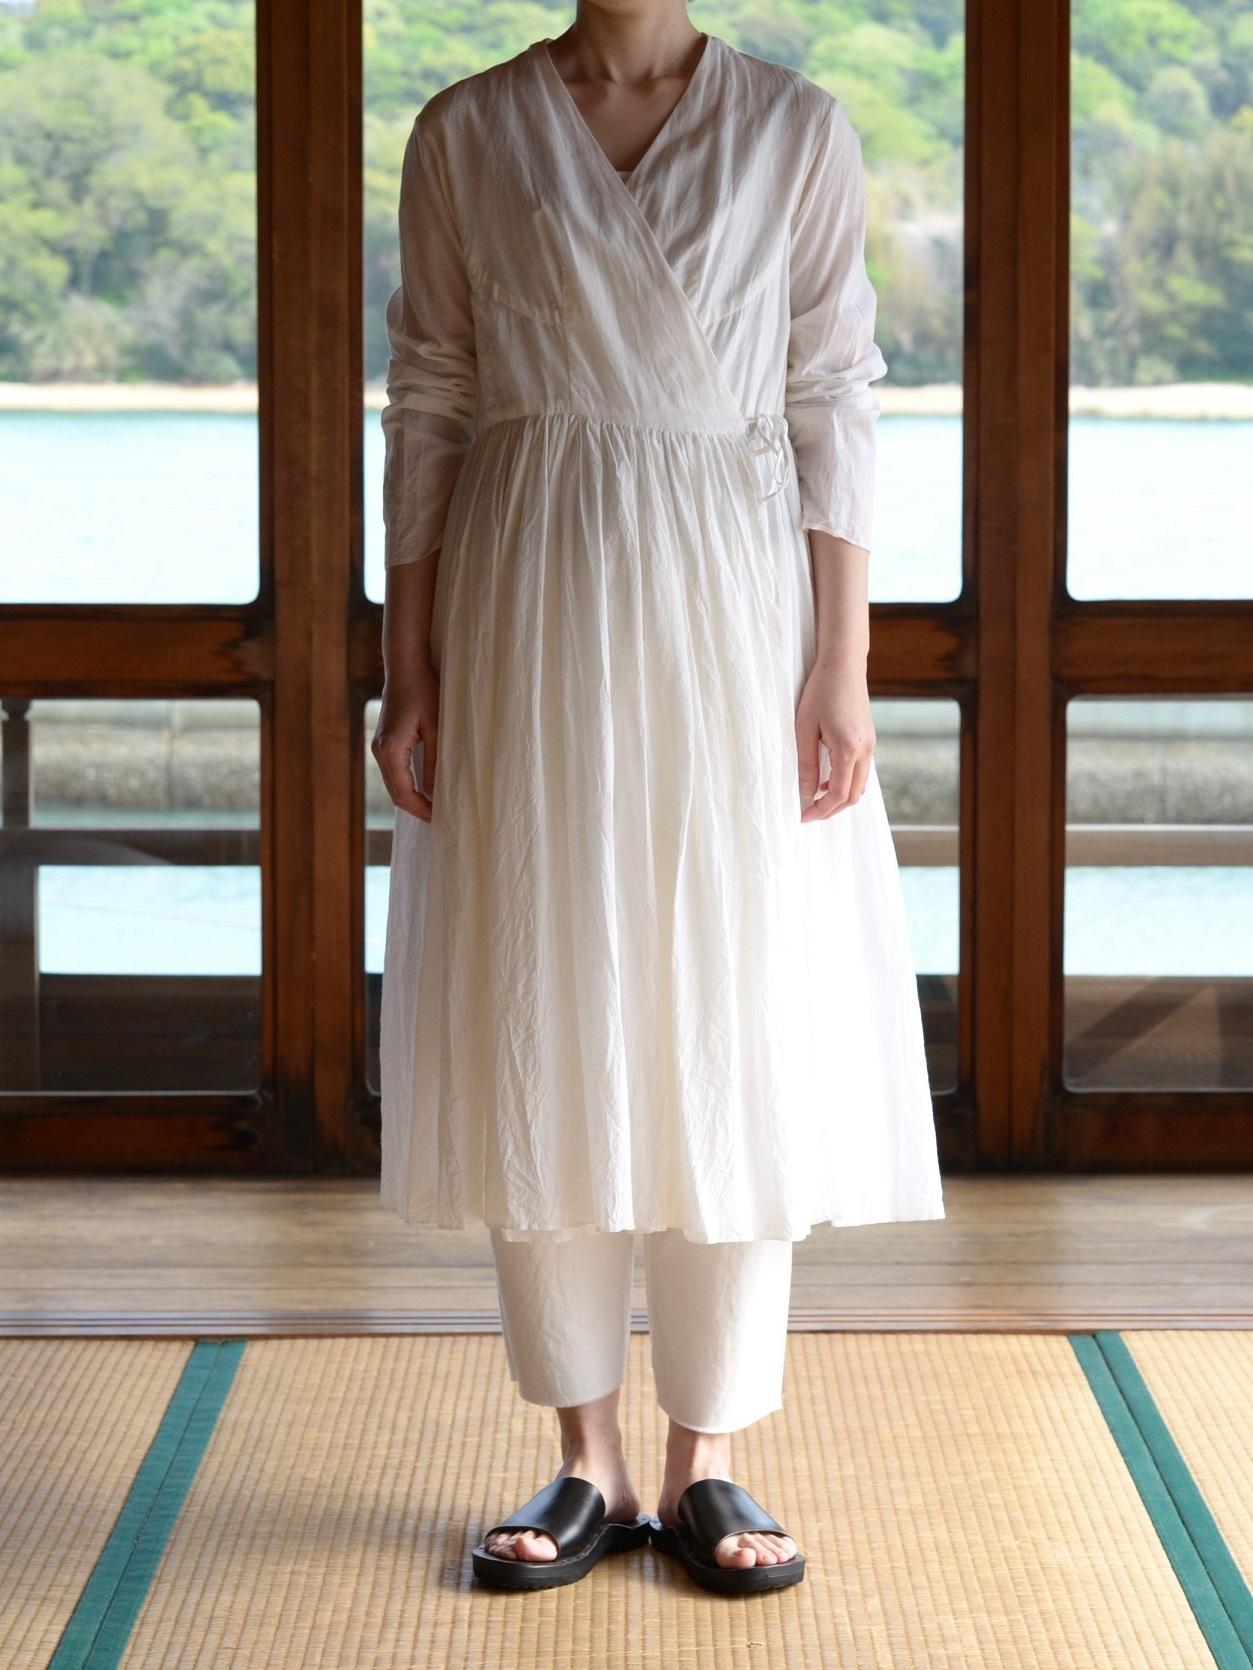 YAECA khadi |ラップギャザードレス